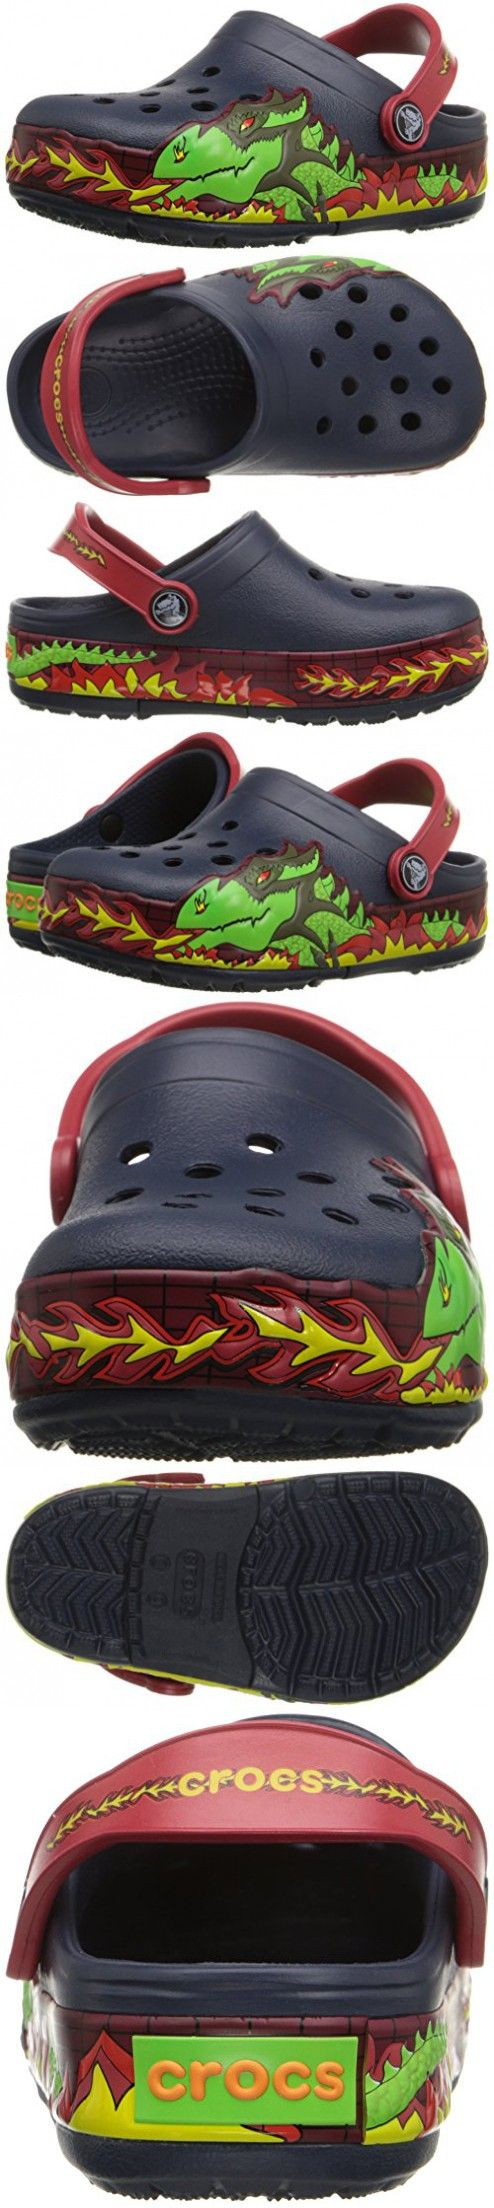 Crocs Kids' CrocsLights Fire Dragon Light-Up Clog  (Infant/Toddler/Little Kid/Big Kid),Navy,1 M US Little Kid